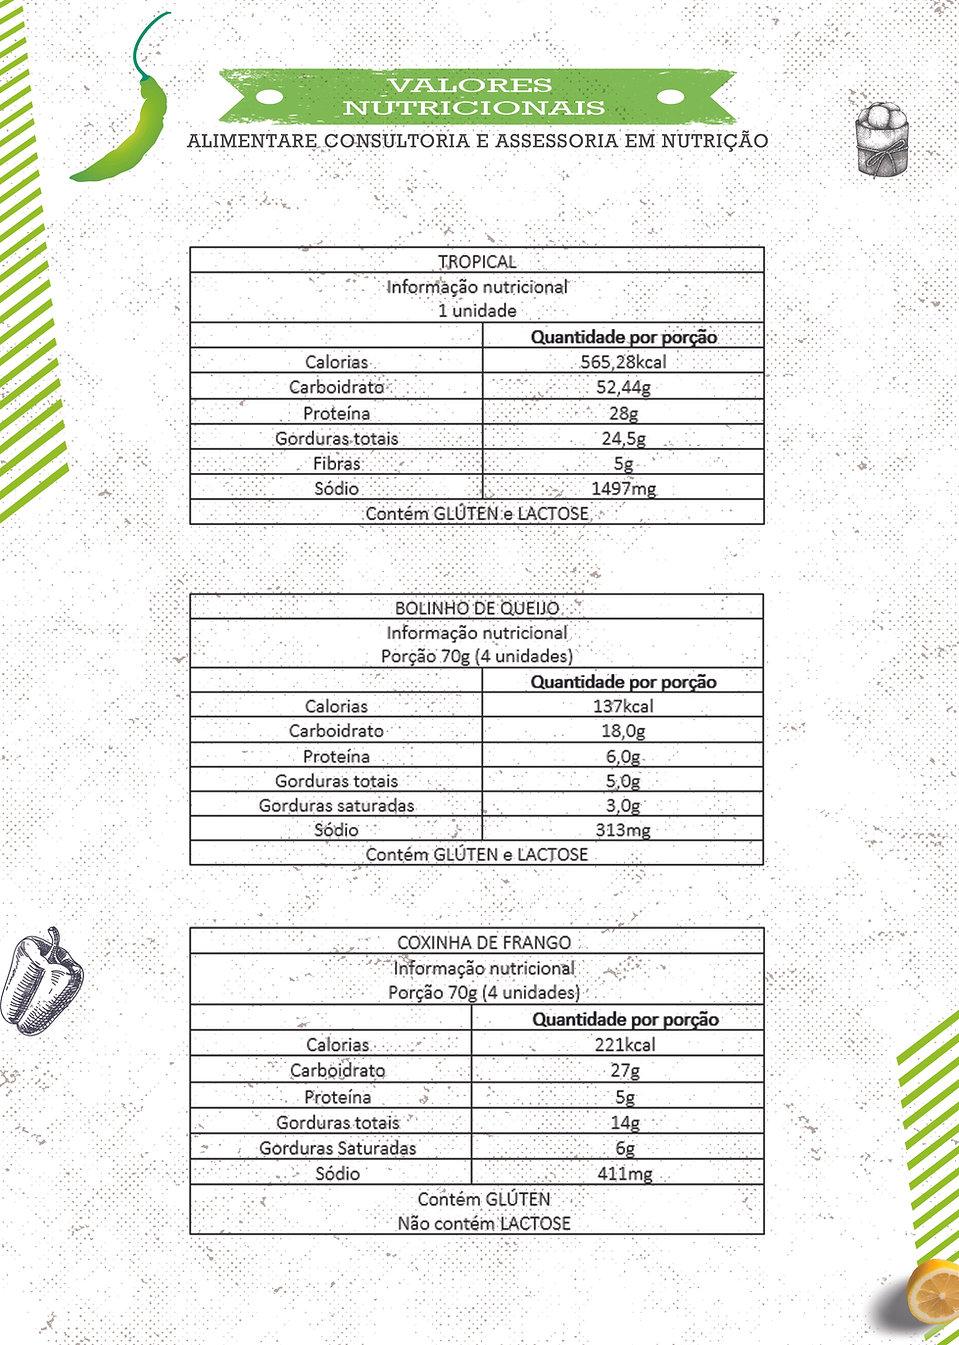 VALORES NUTRICIONAIS PAG 14.jpg